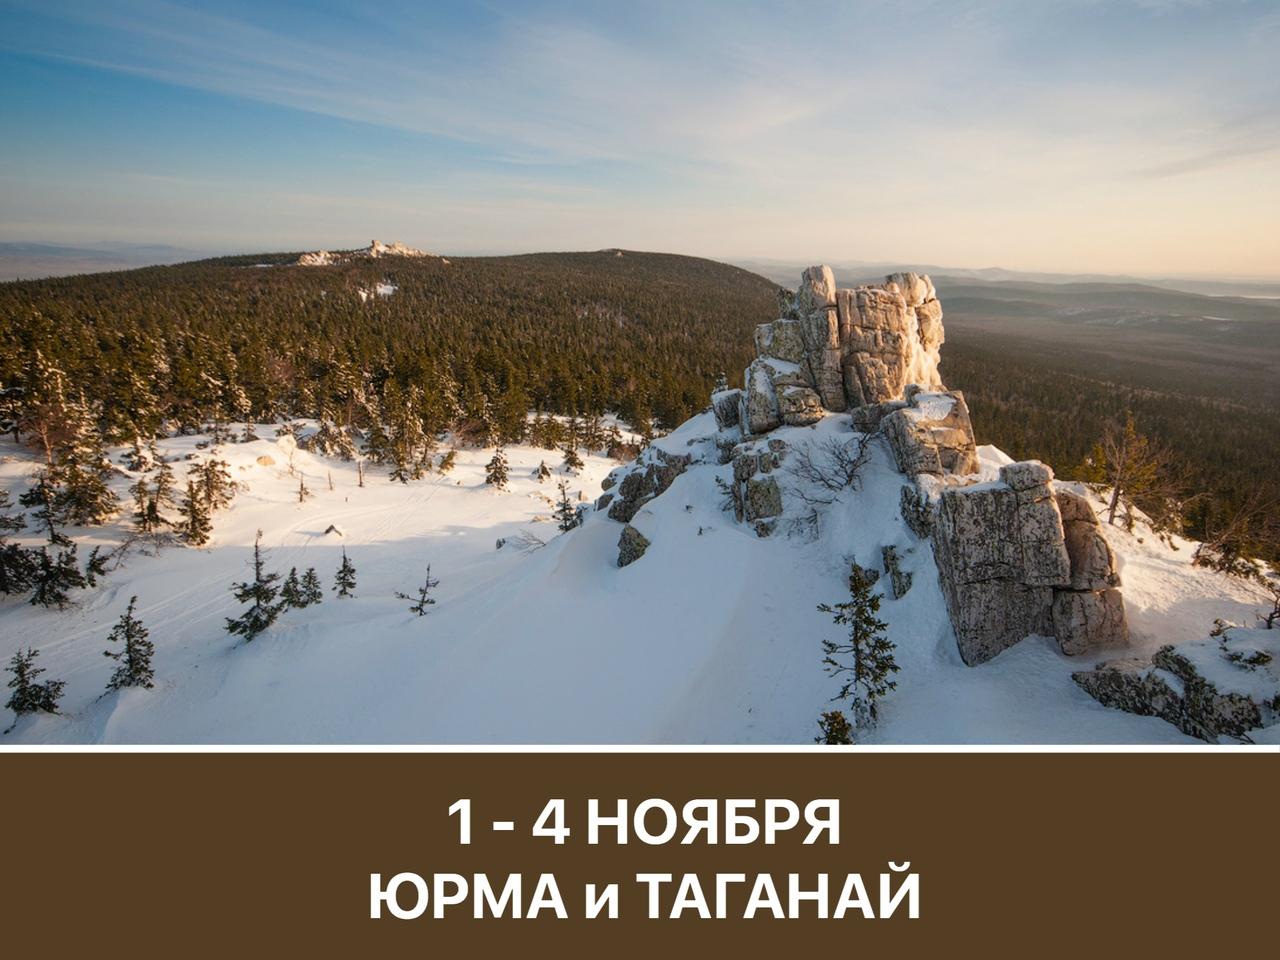 Афиша Тюмень Юрма и другой Таганай / 1 - 4 ноября